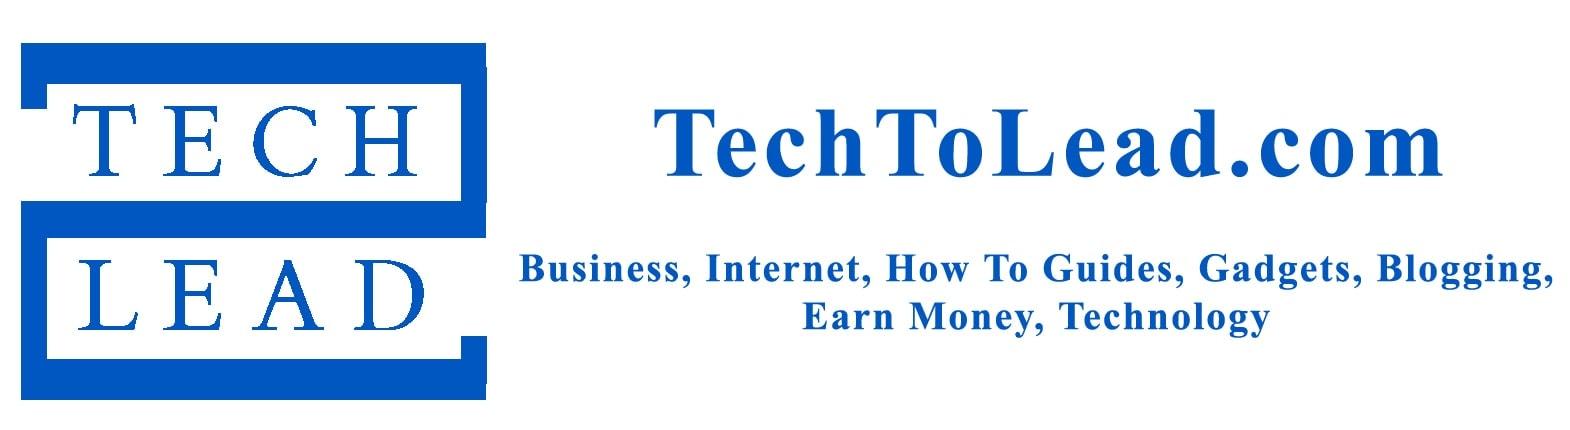 techtolead banner